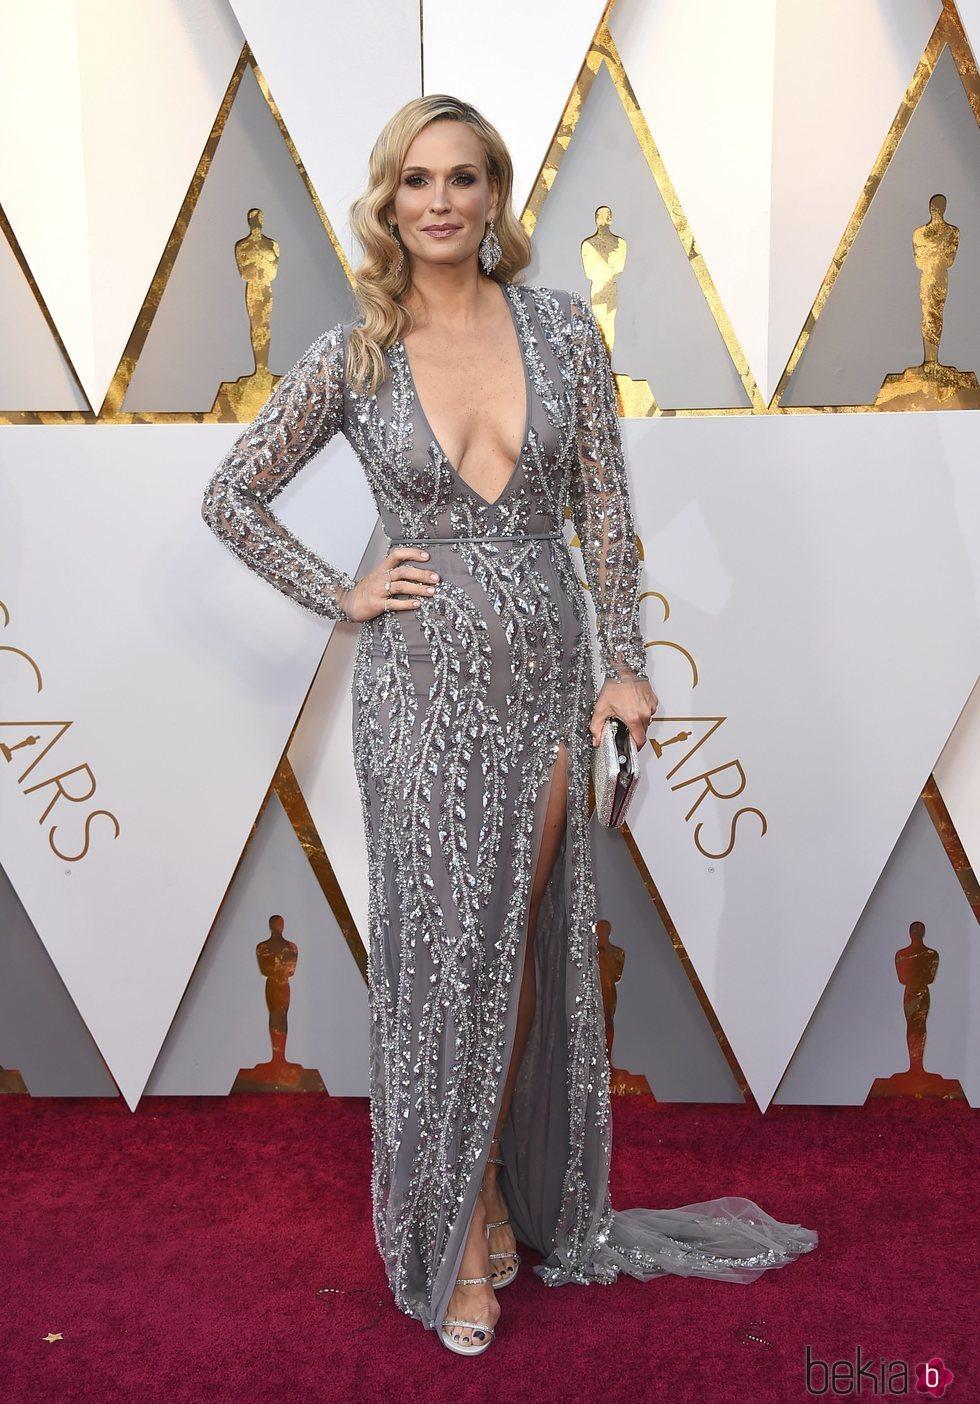 Molly Sims en la alfombra roja de los Premios Oscar 2018